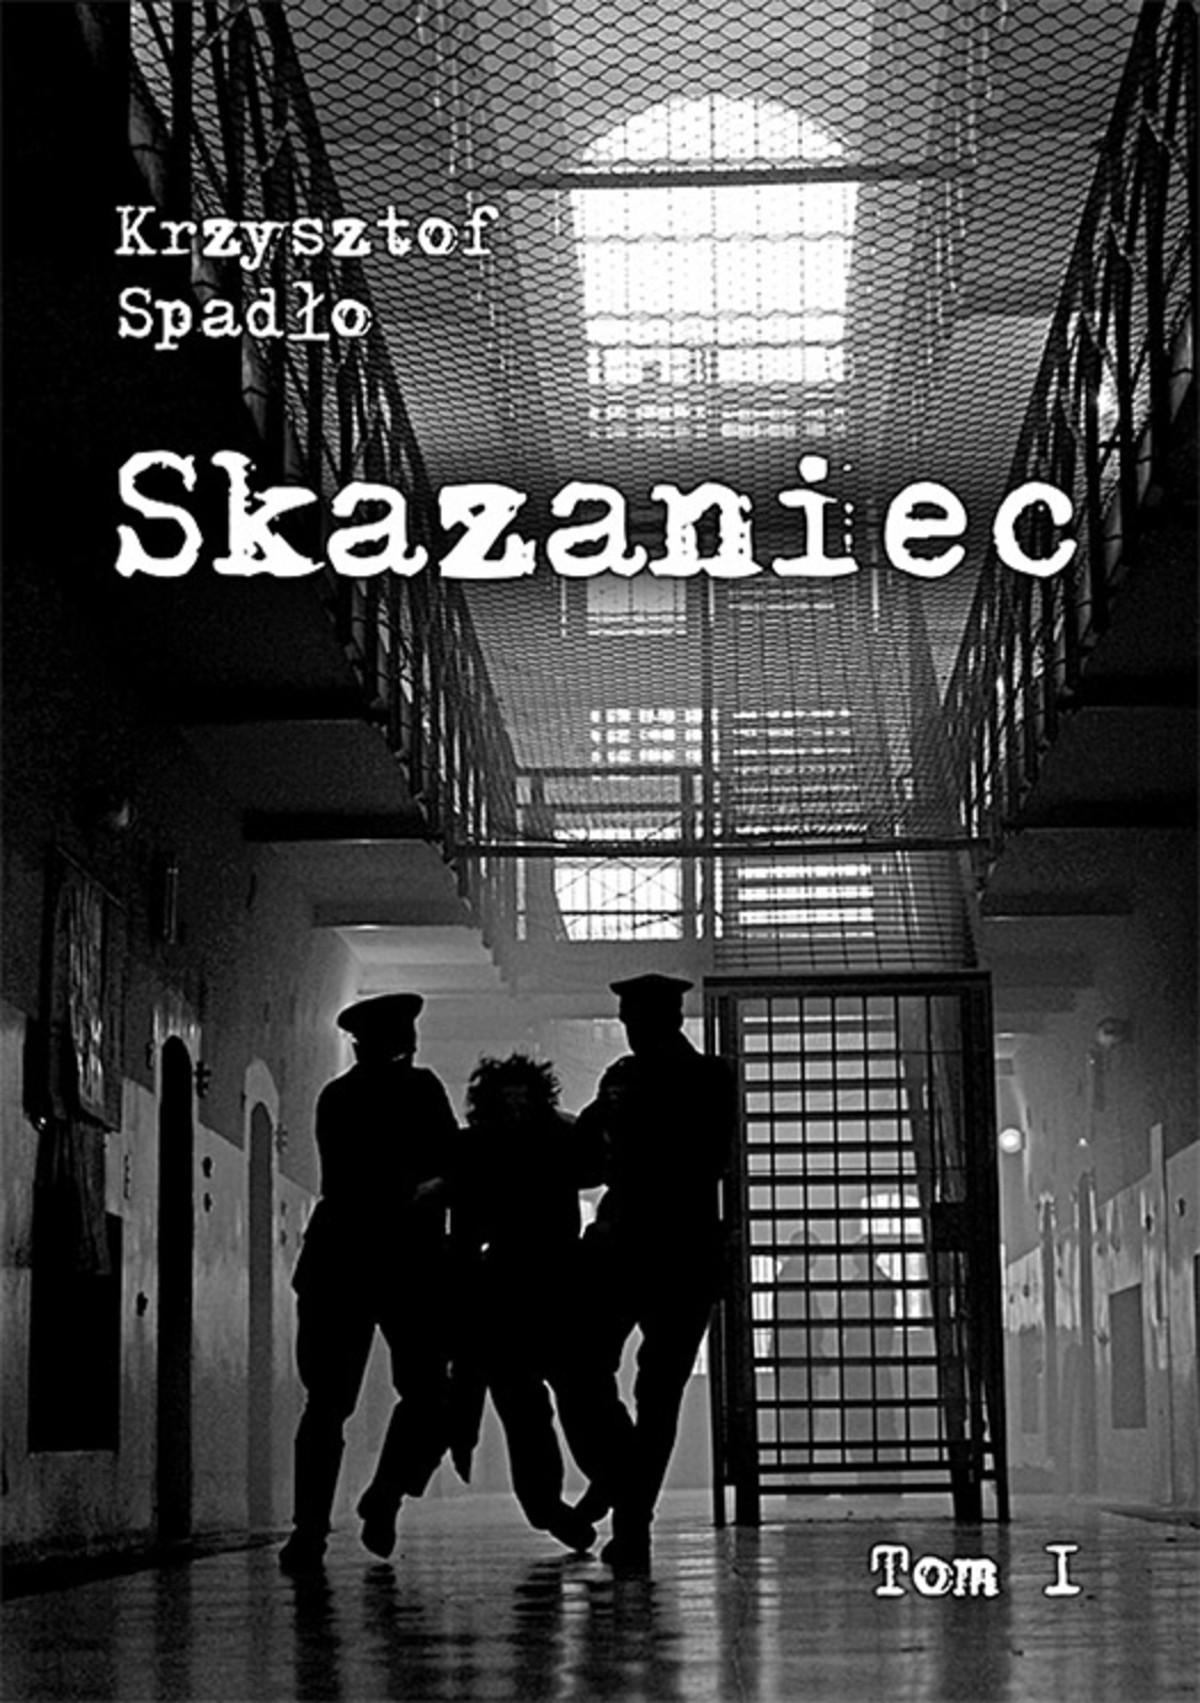 kryminał,kryminał,sensacja,thriller,ebook, Skazaniec-ebook ,Autor: Krzysztof Spadło